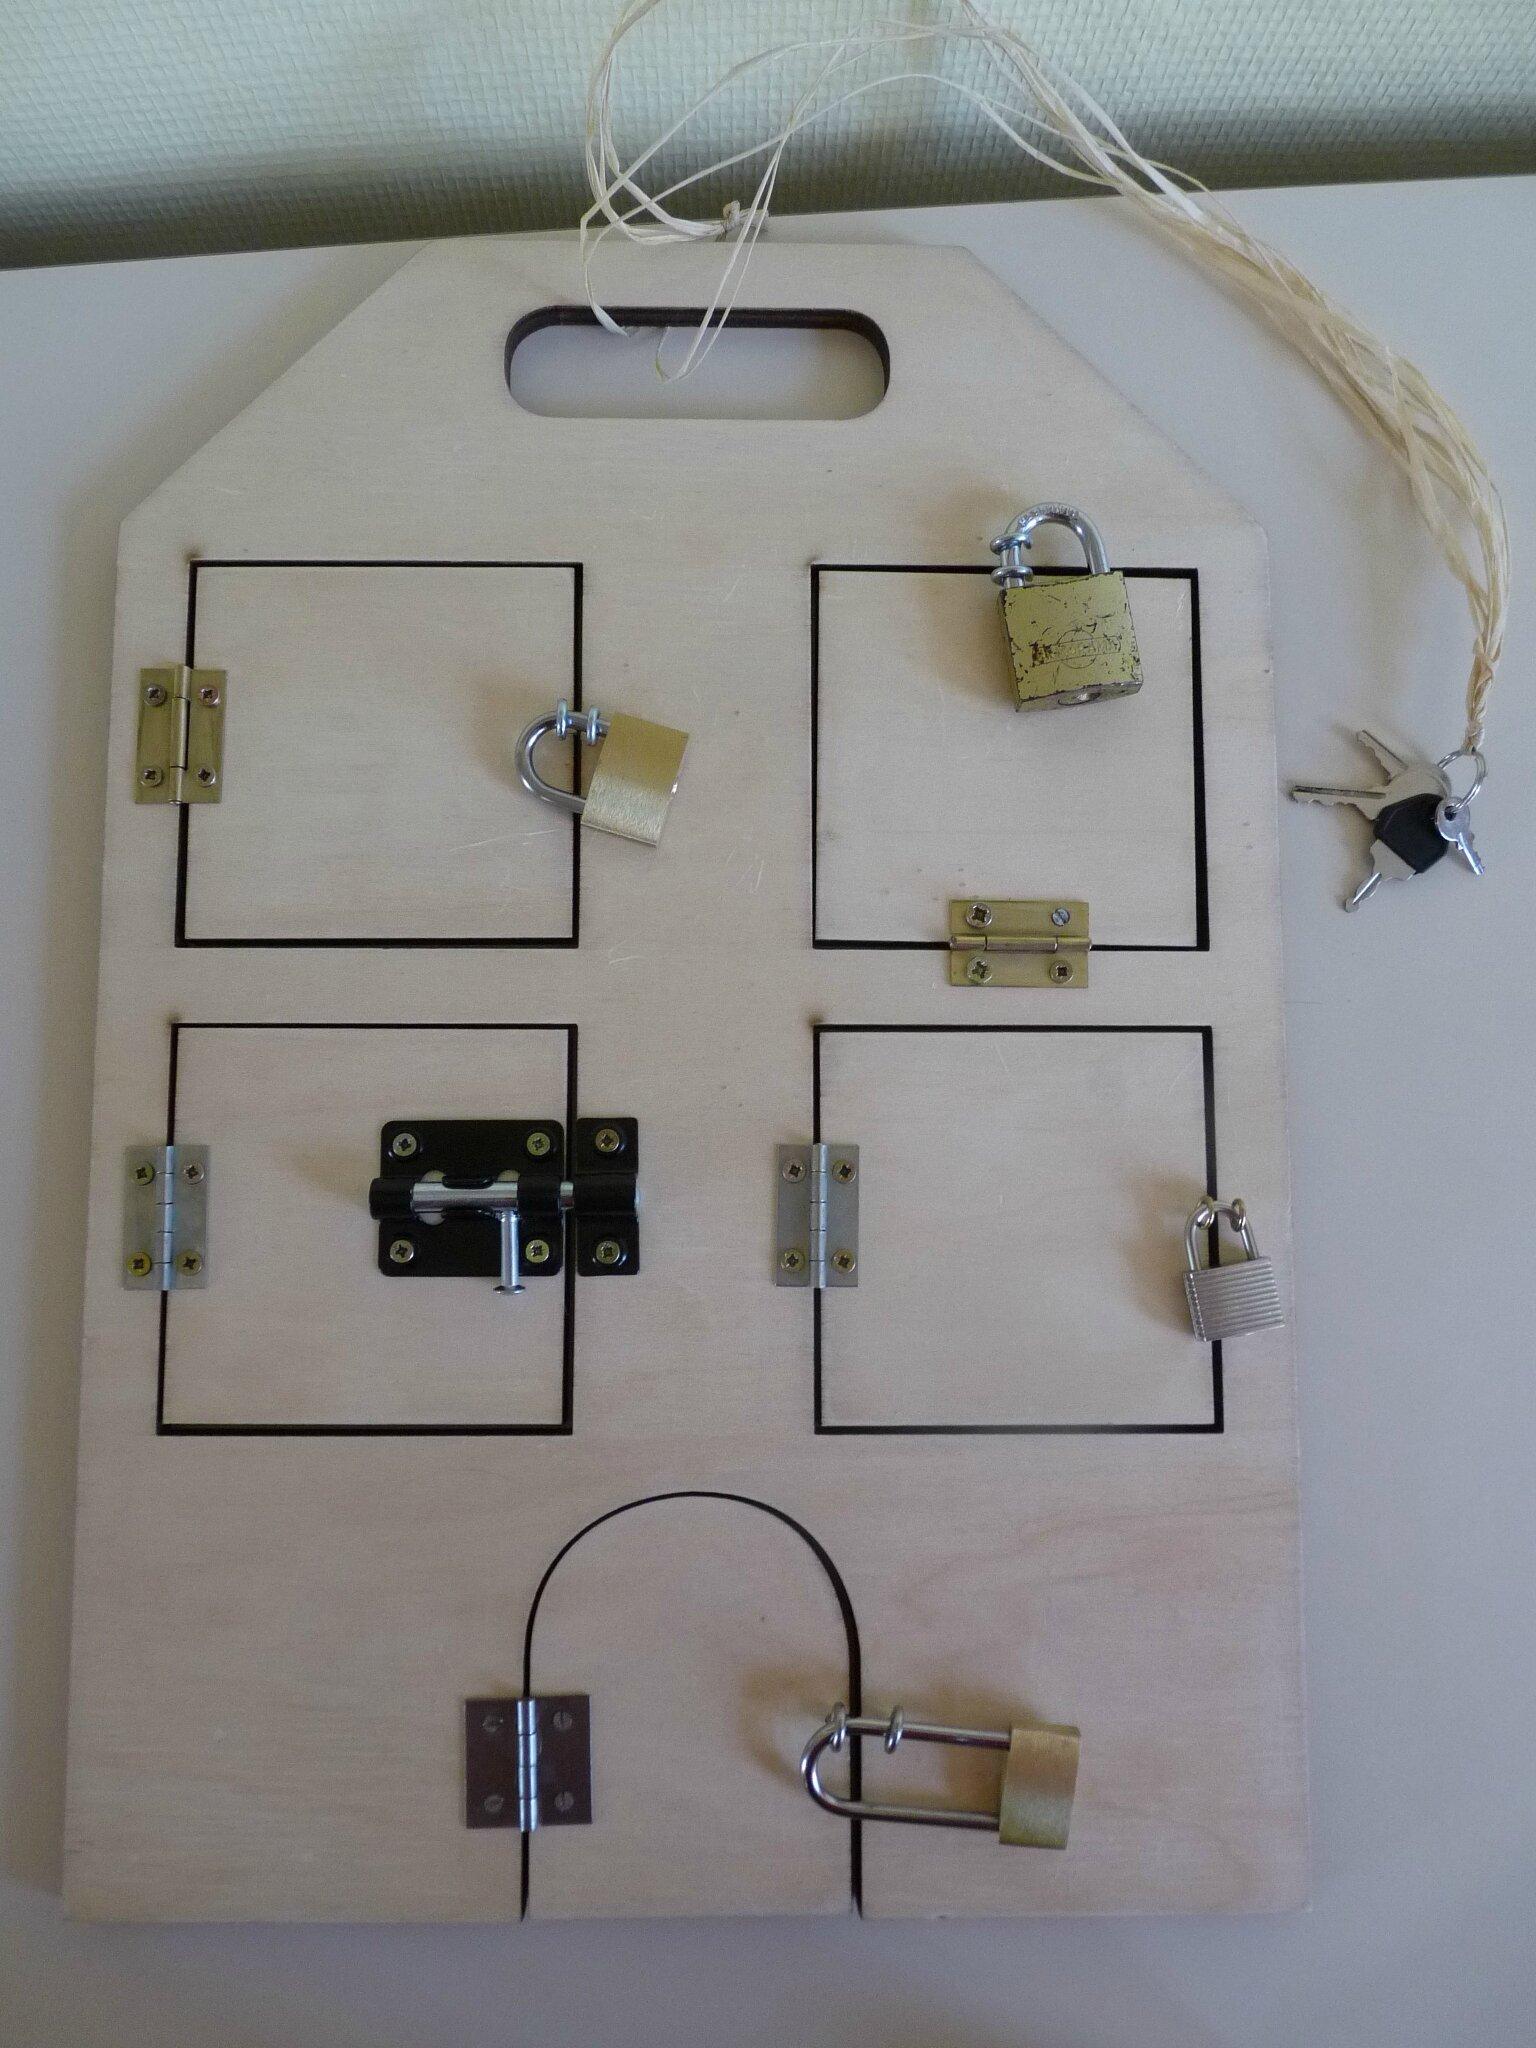 une nouvelle maison des serrures avec des cadenas cette fois 123montessori le blog. Black Bedroom Furniture Sets. Home Design Ideas